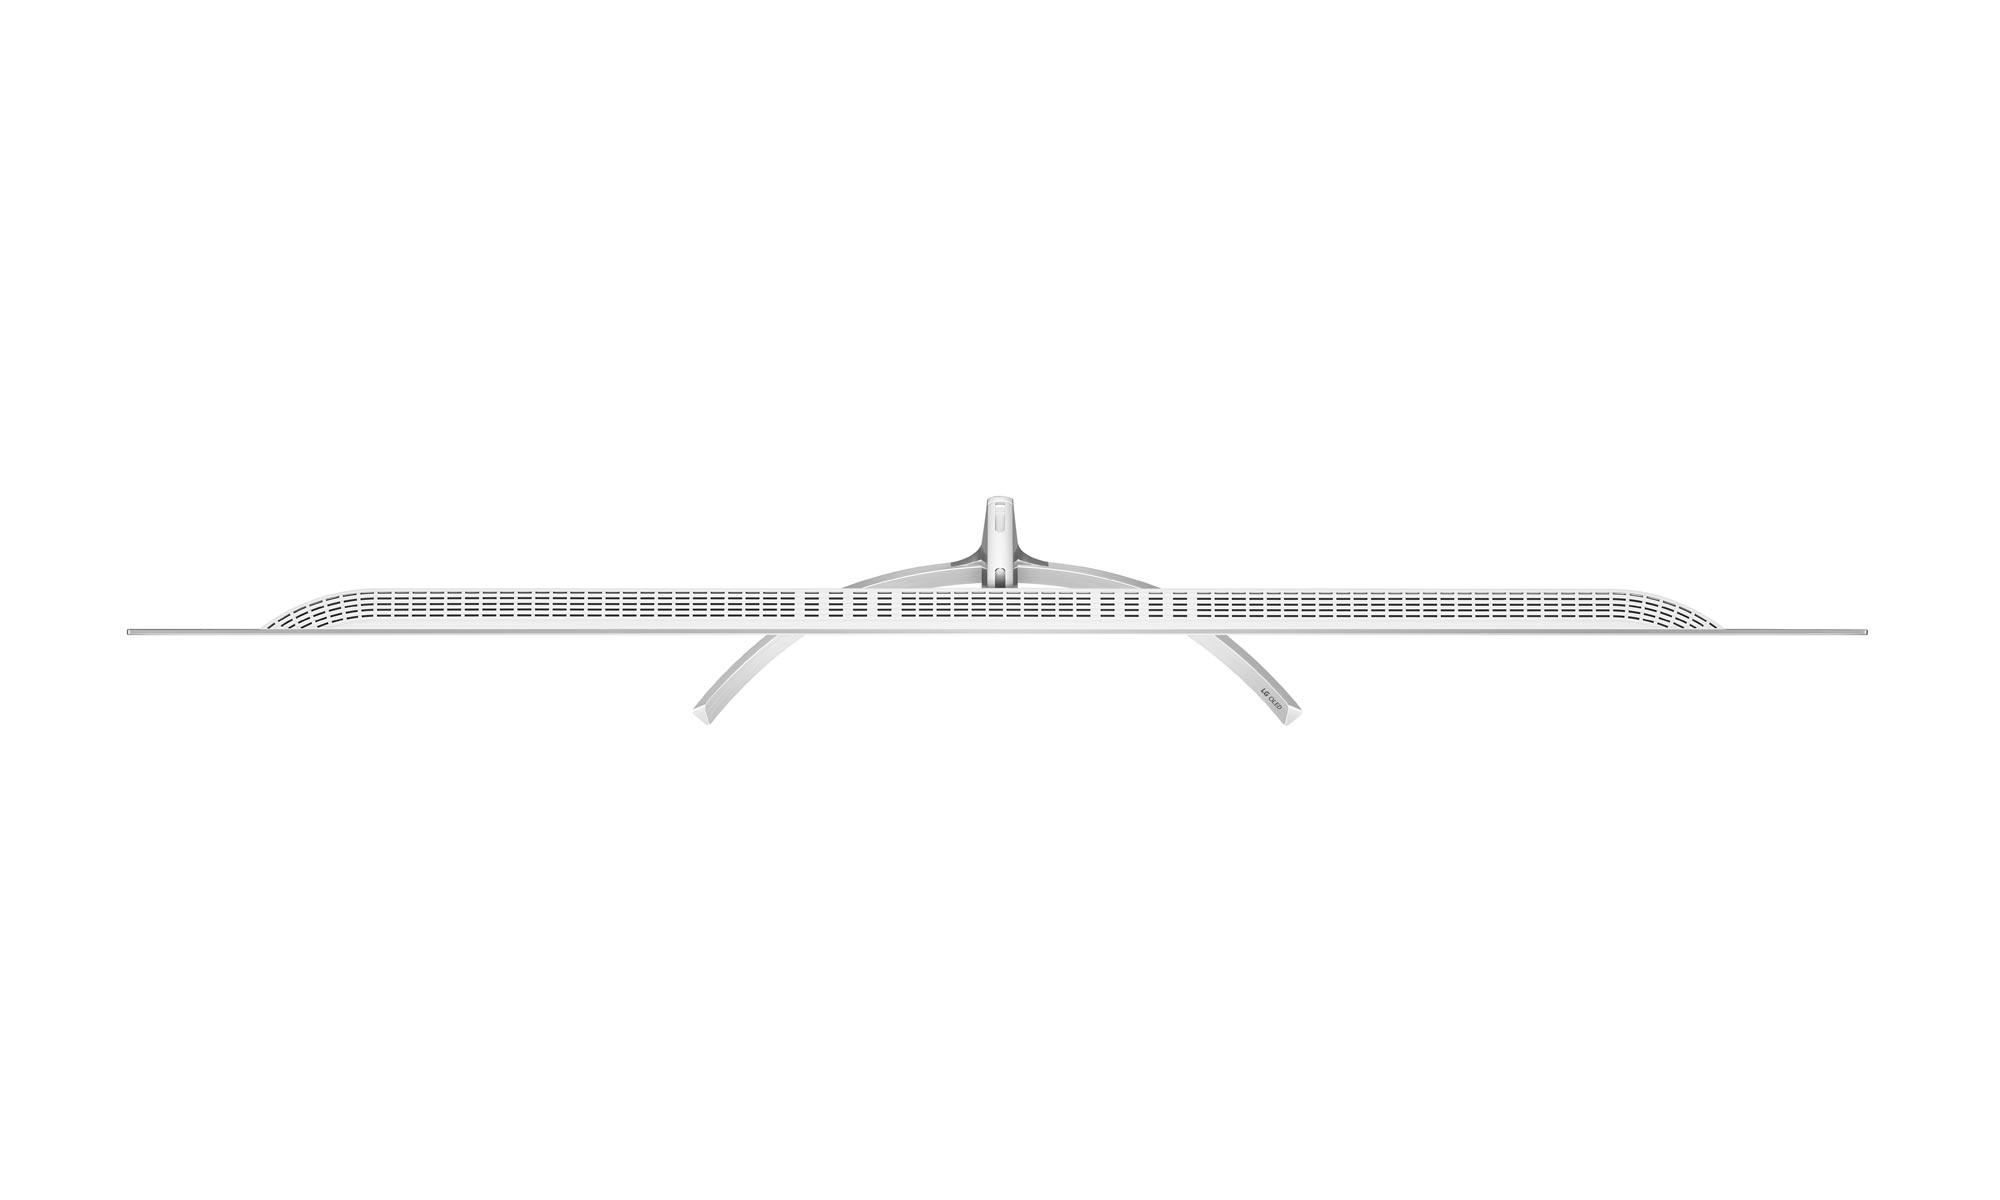 LG B7 OLED test - FlatpanelsDK